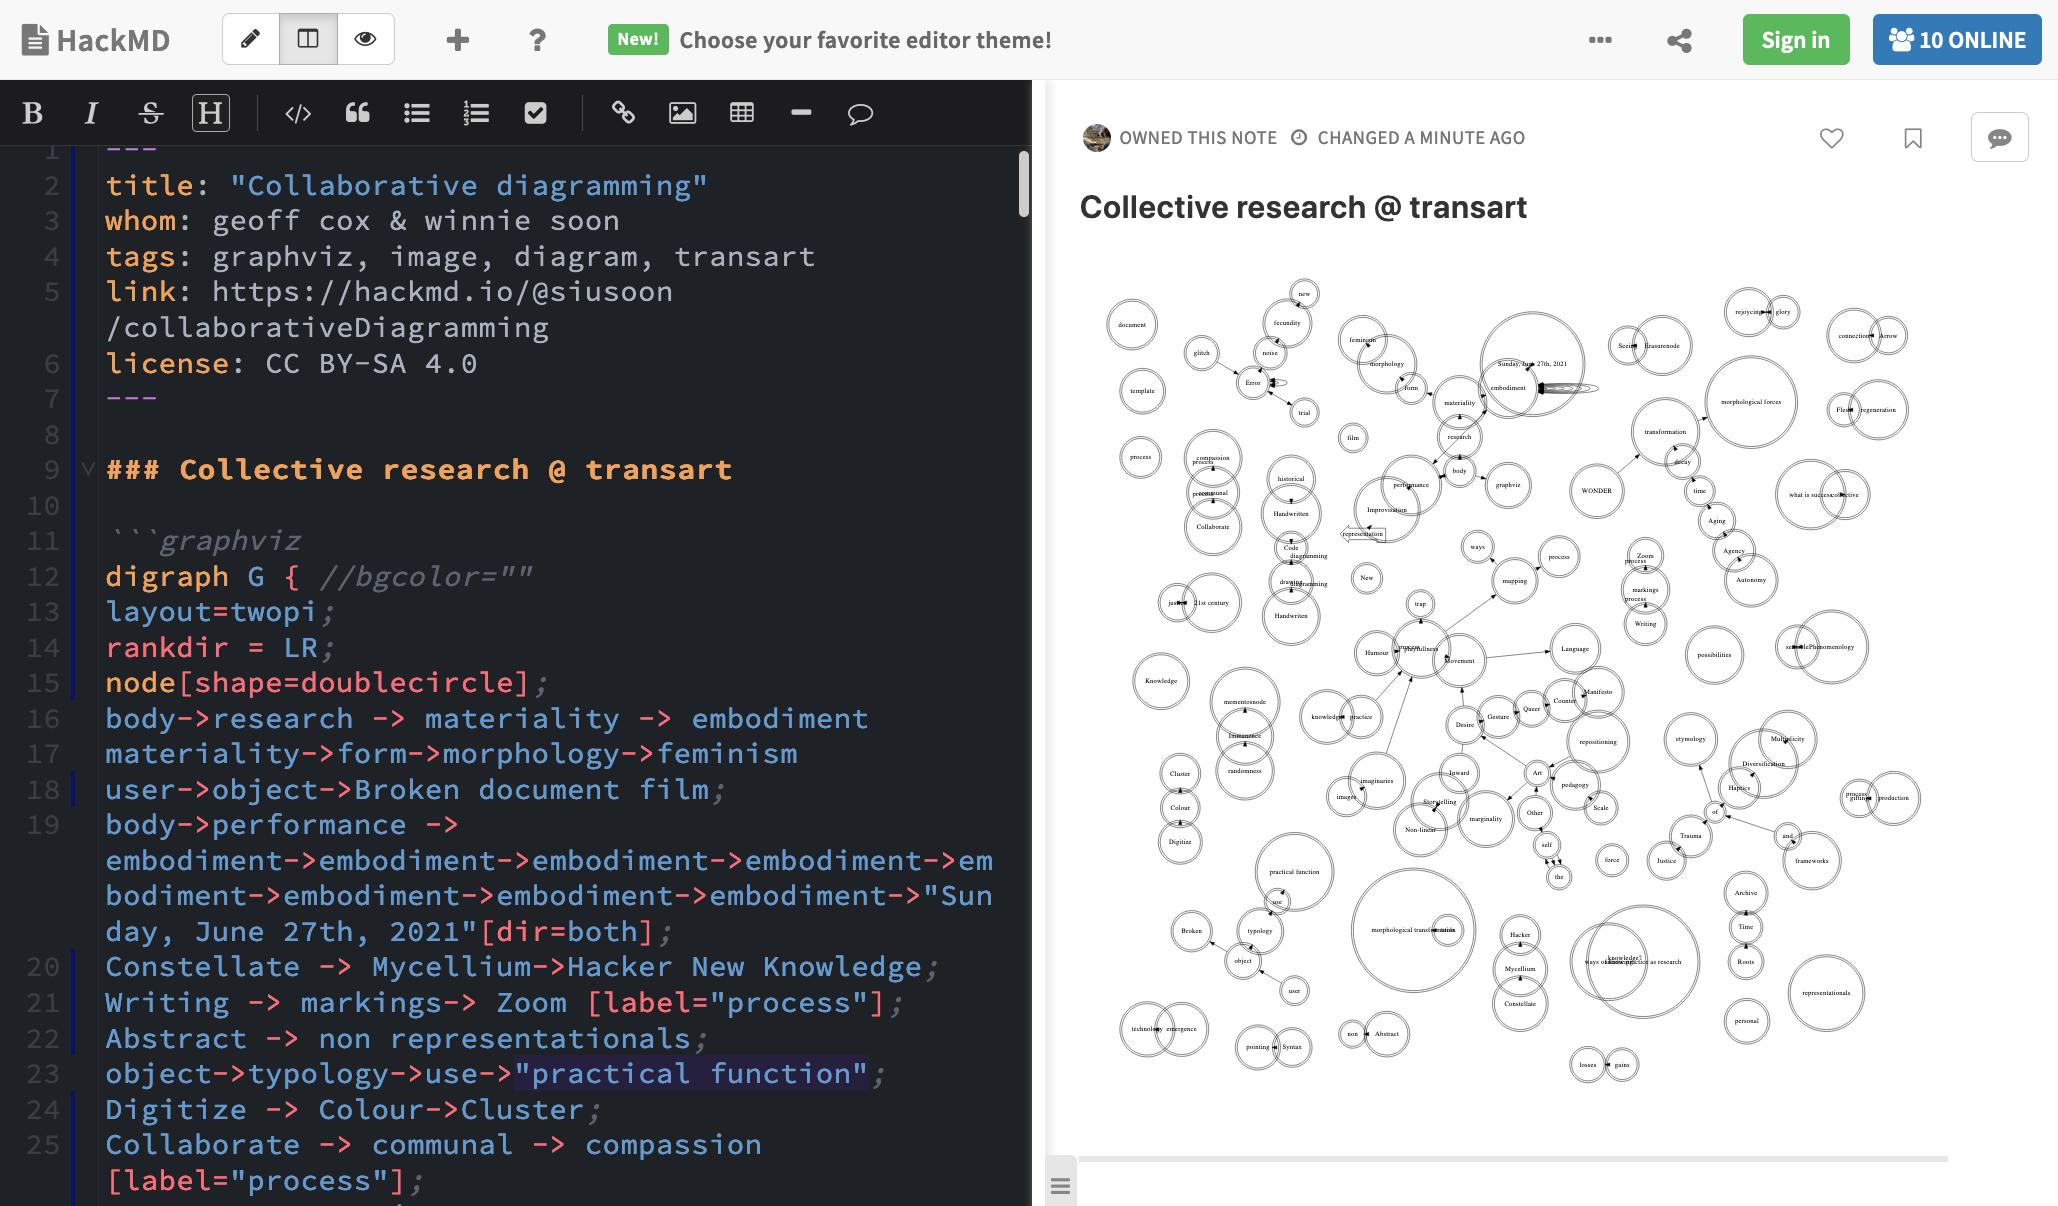 Diagramming & Flowcharts workshop